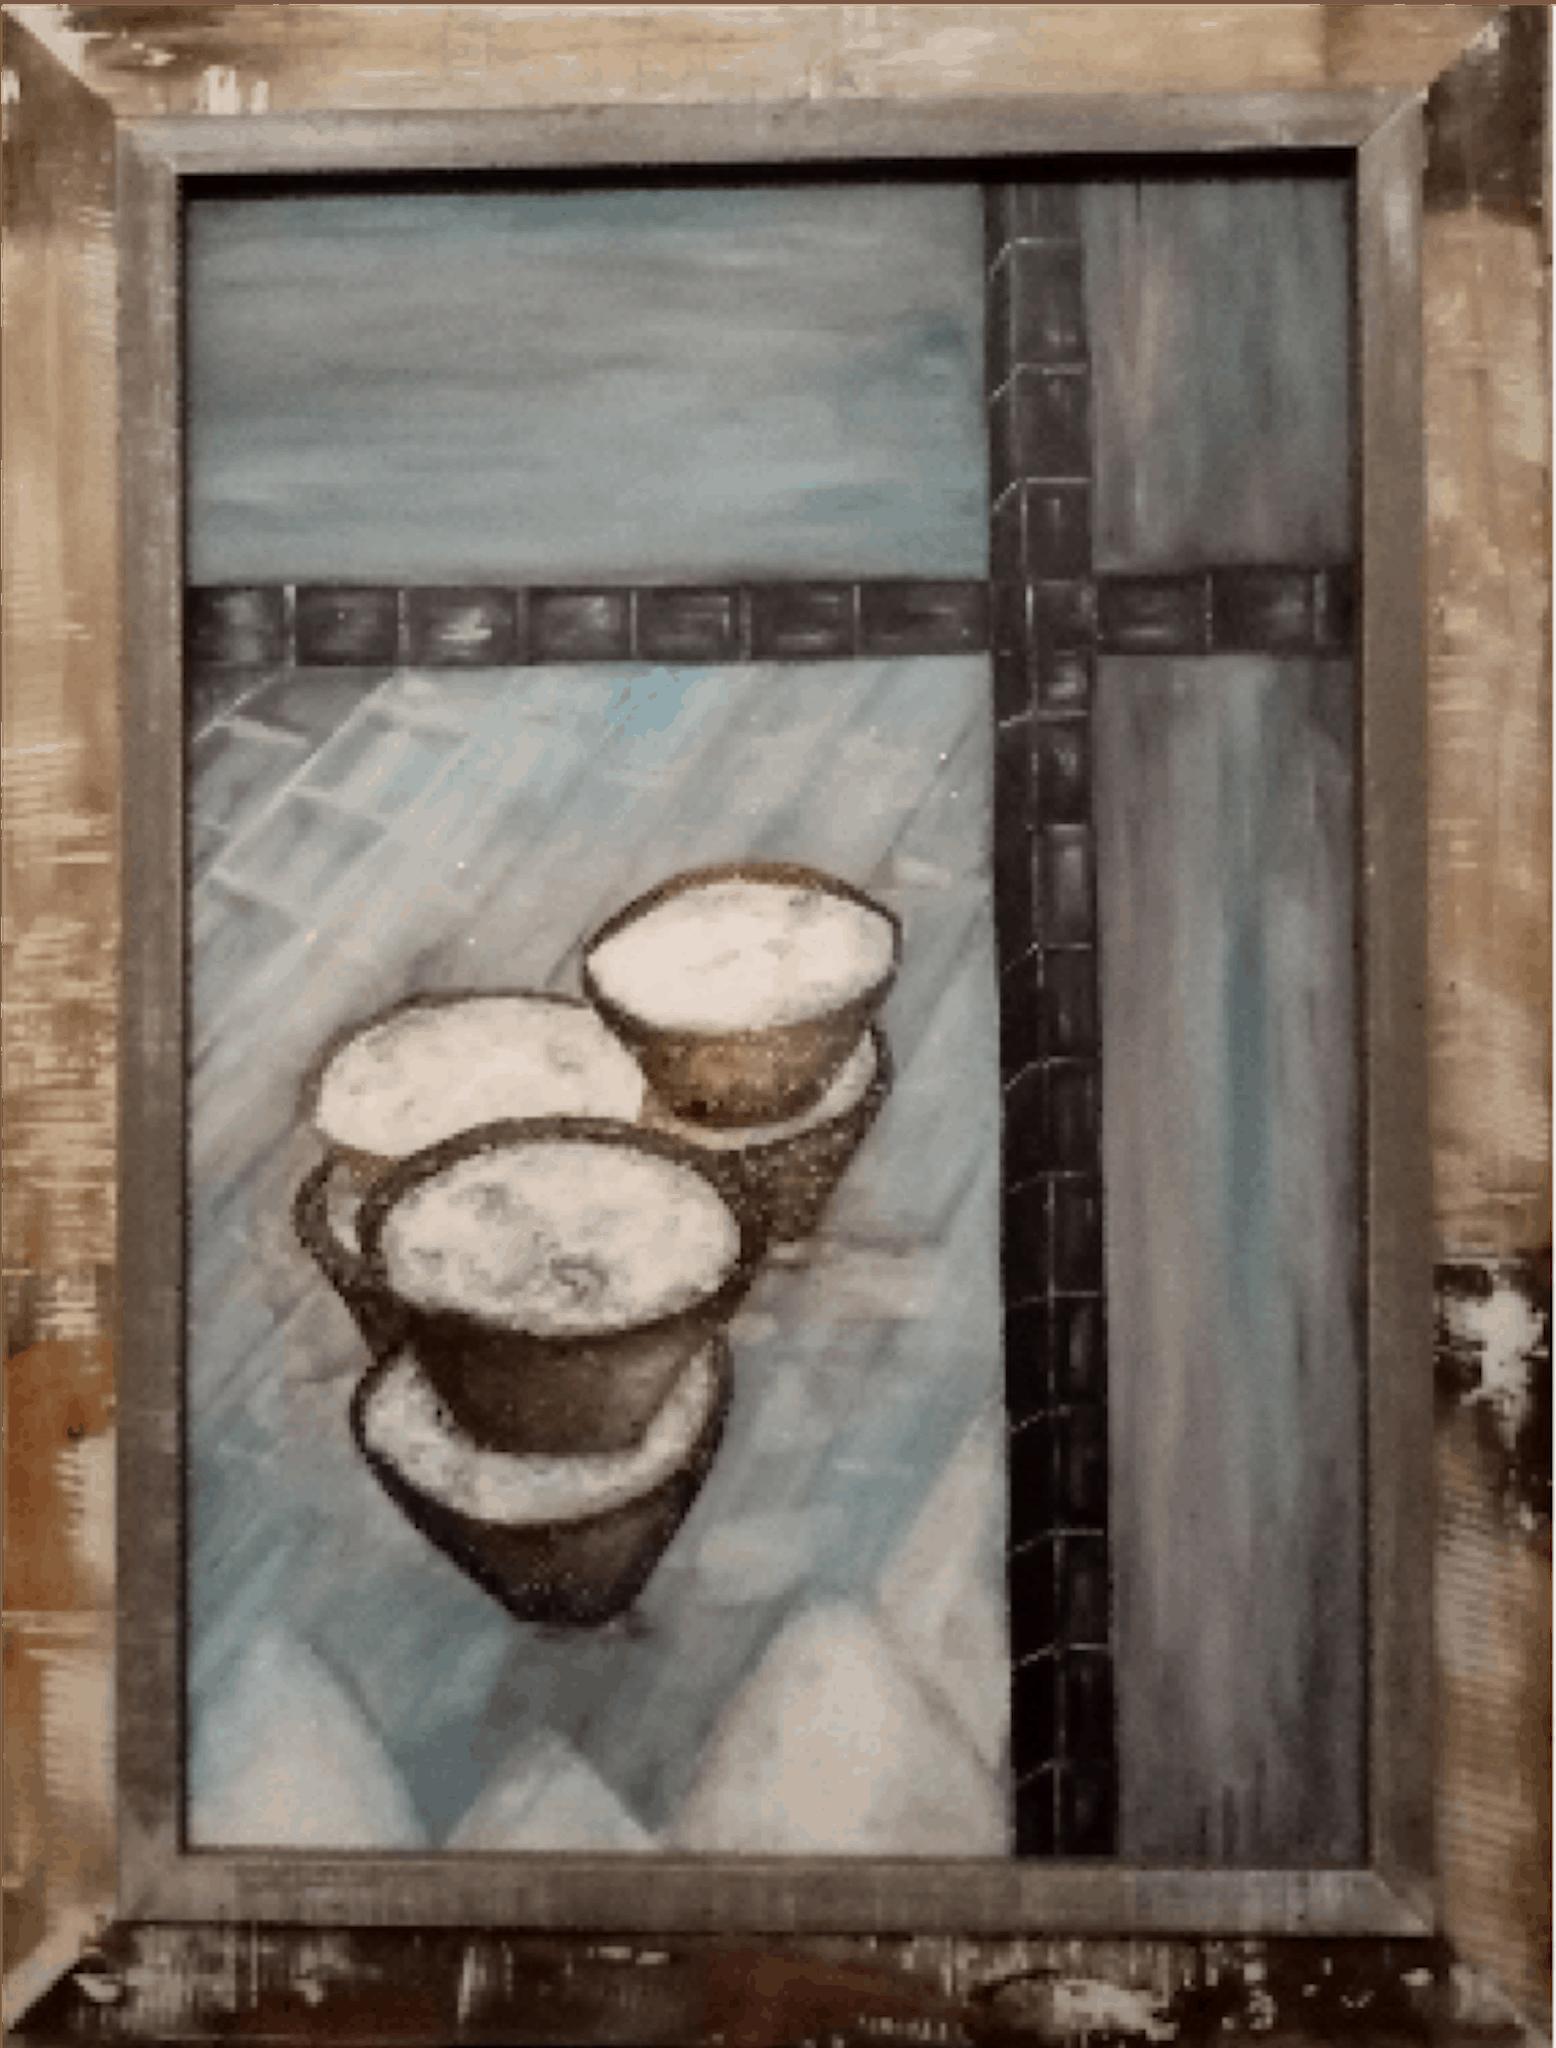 mauritian-artist-maita-velin-tamarin-salt-pans